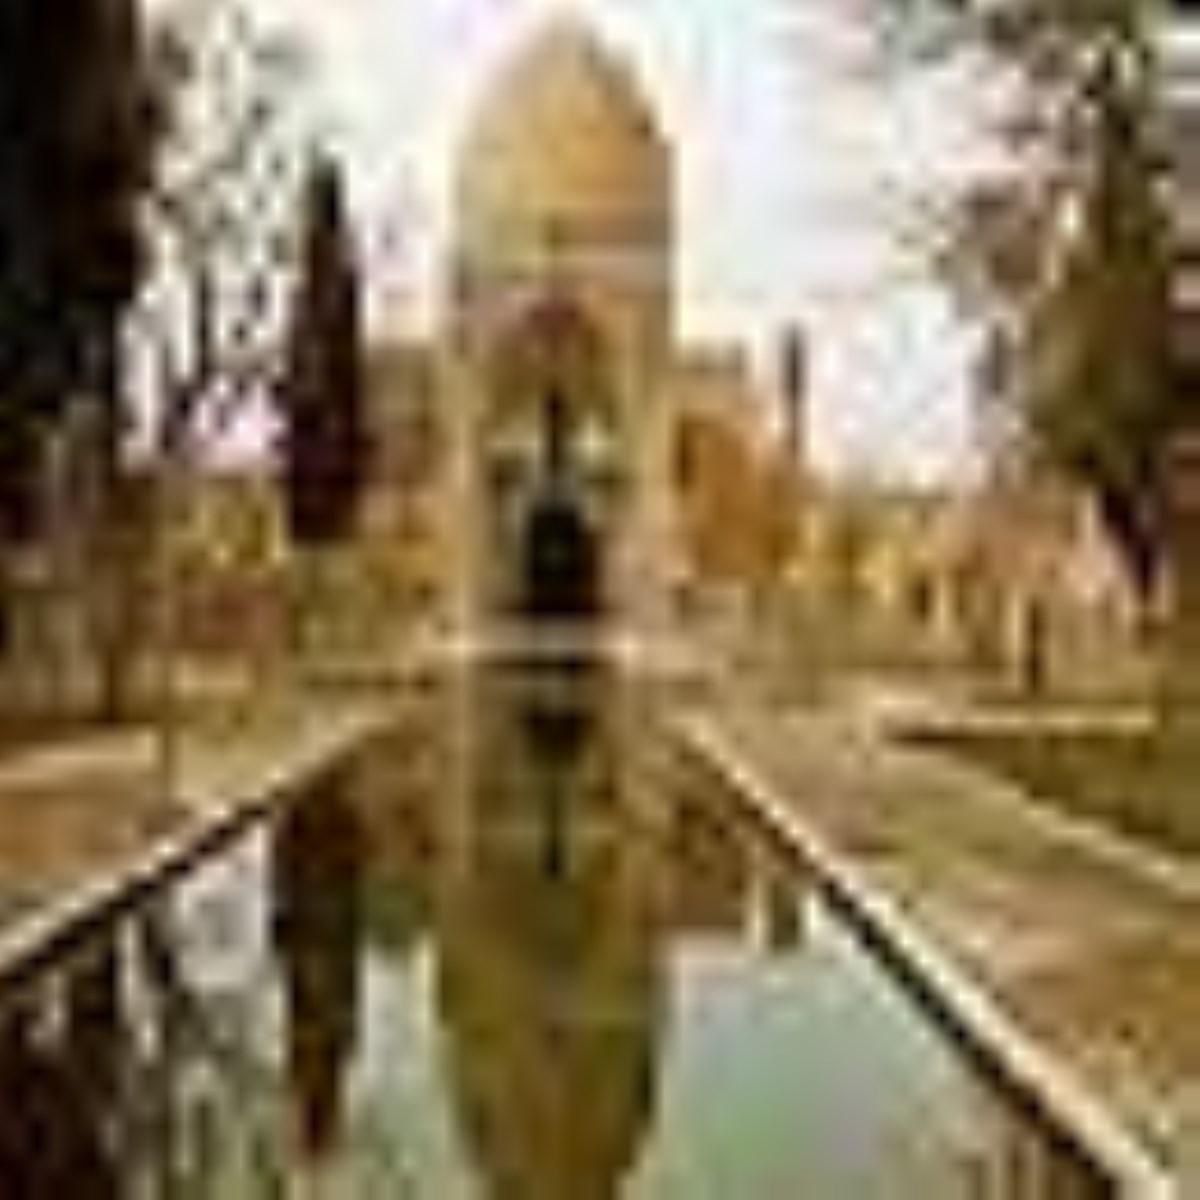 آثار تاريخي و مذهبي کاشان